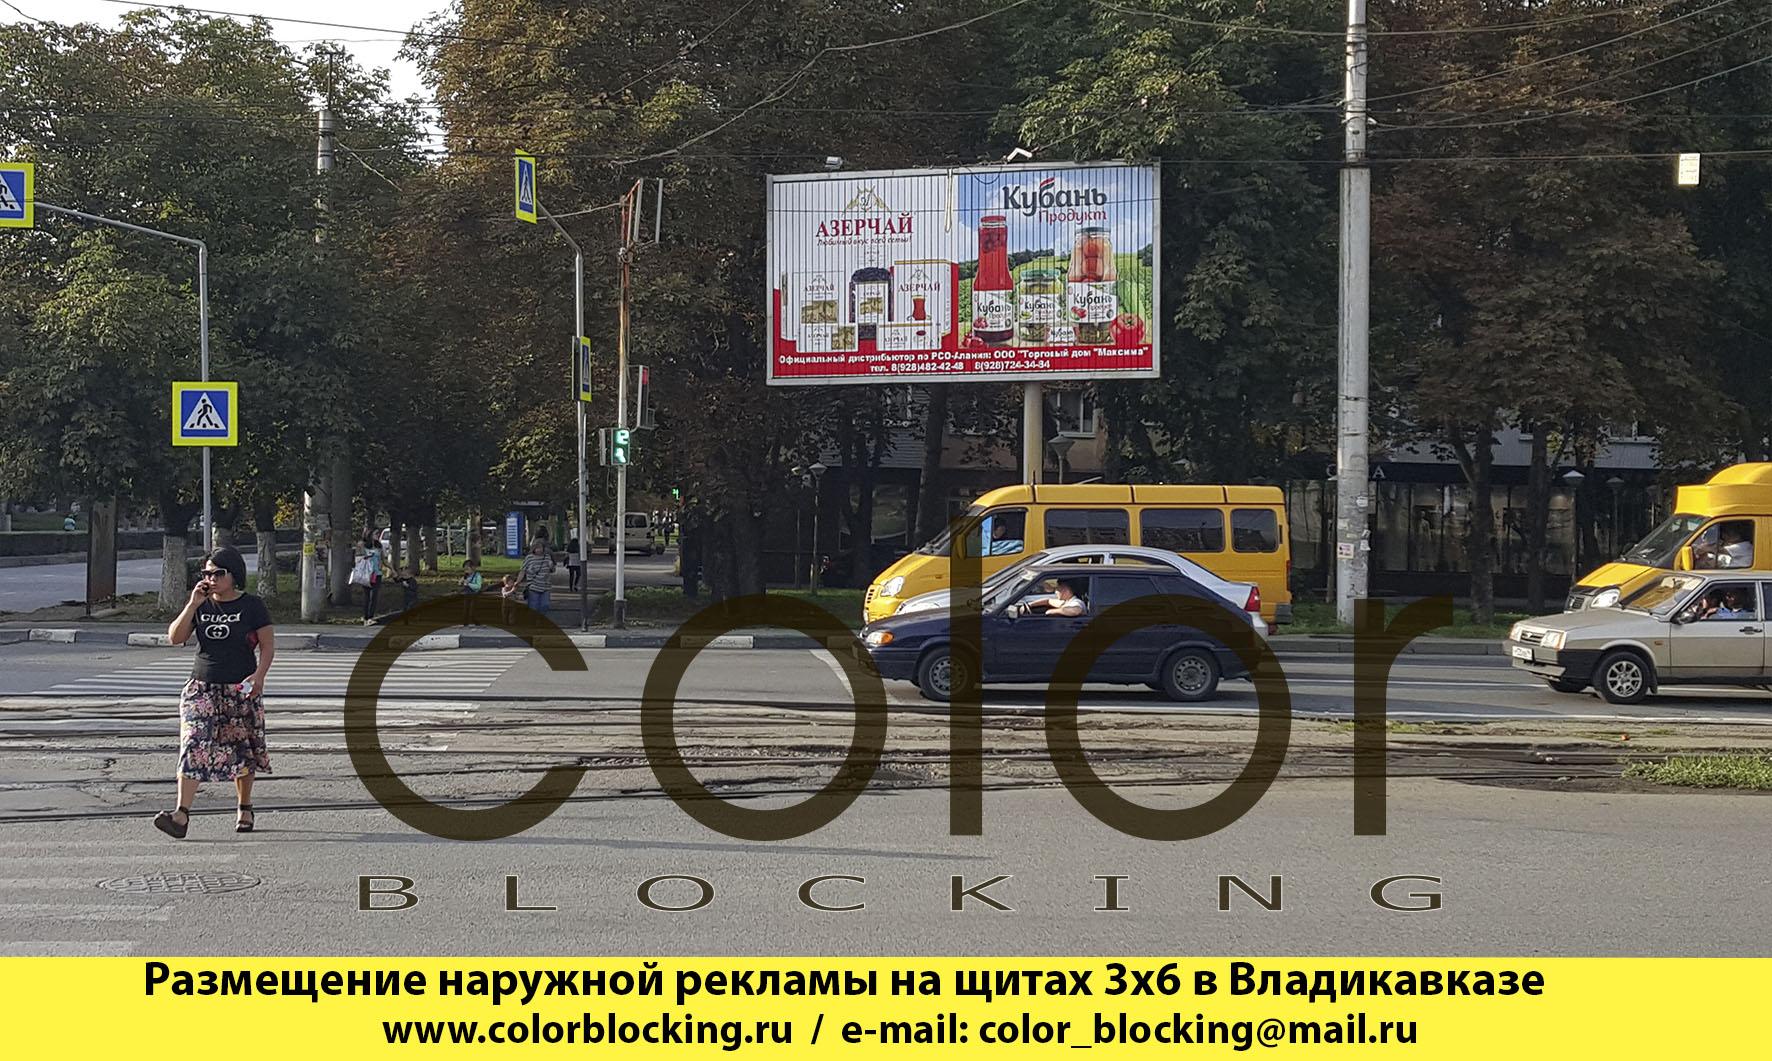 Реклама на щитах 3х6 в Владикавказе размещение